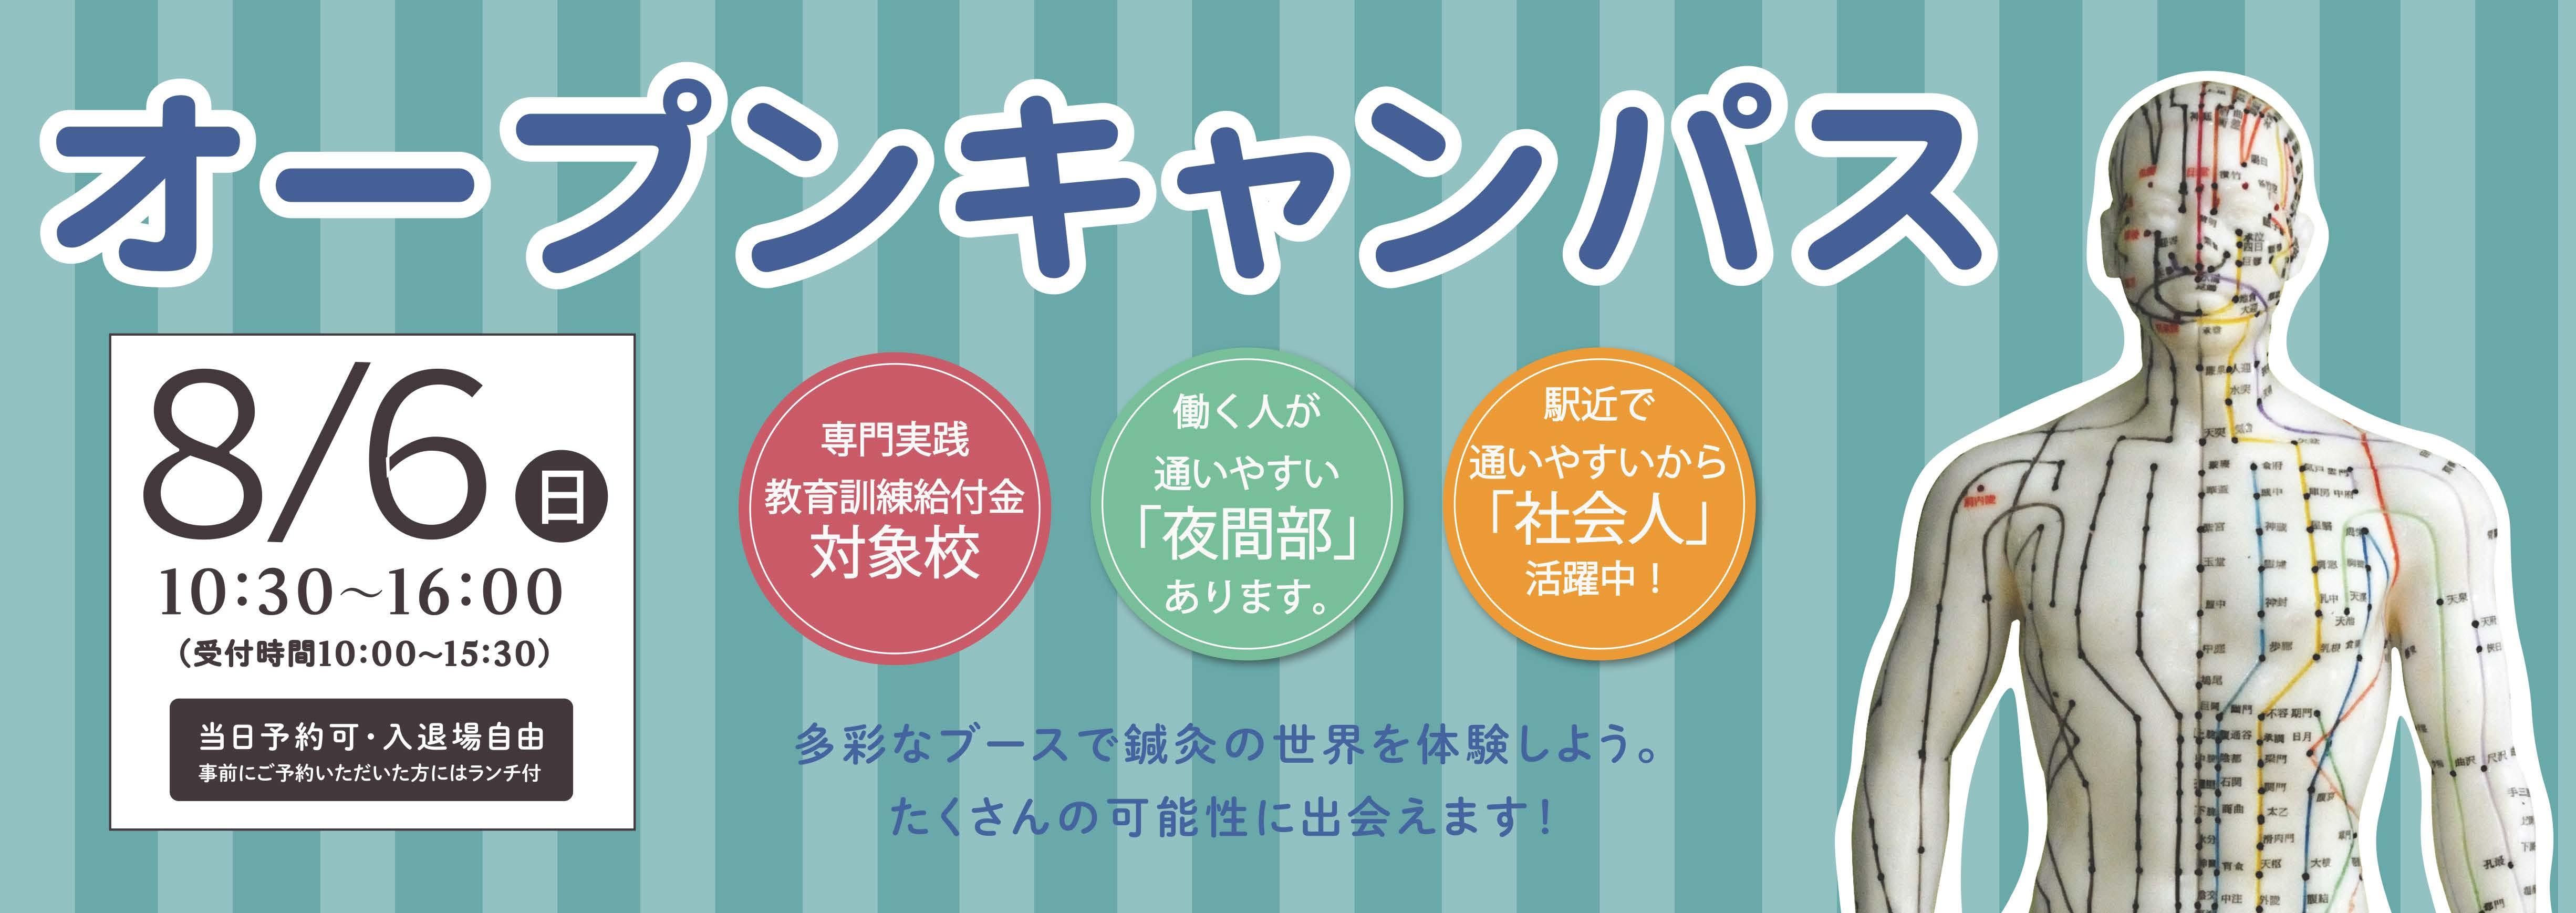 神戸東洋医療学院